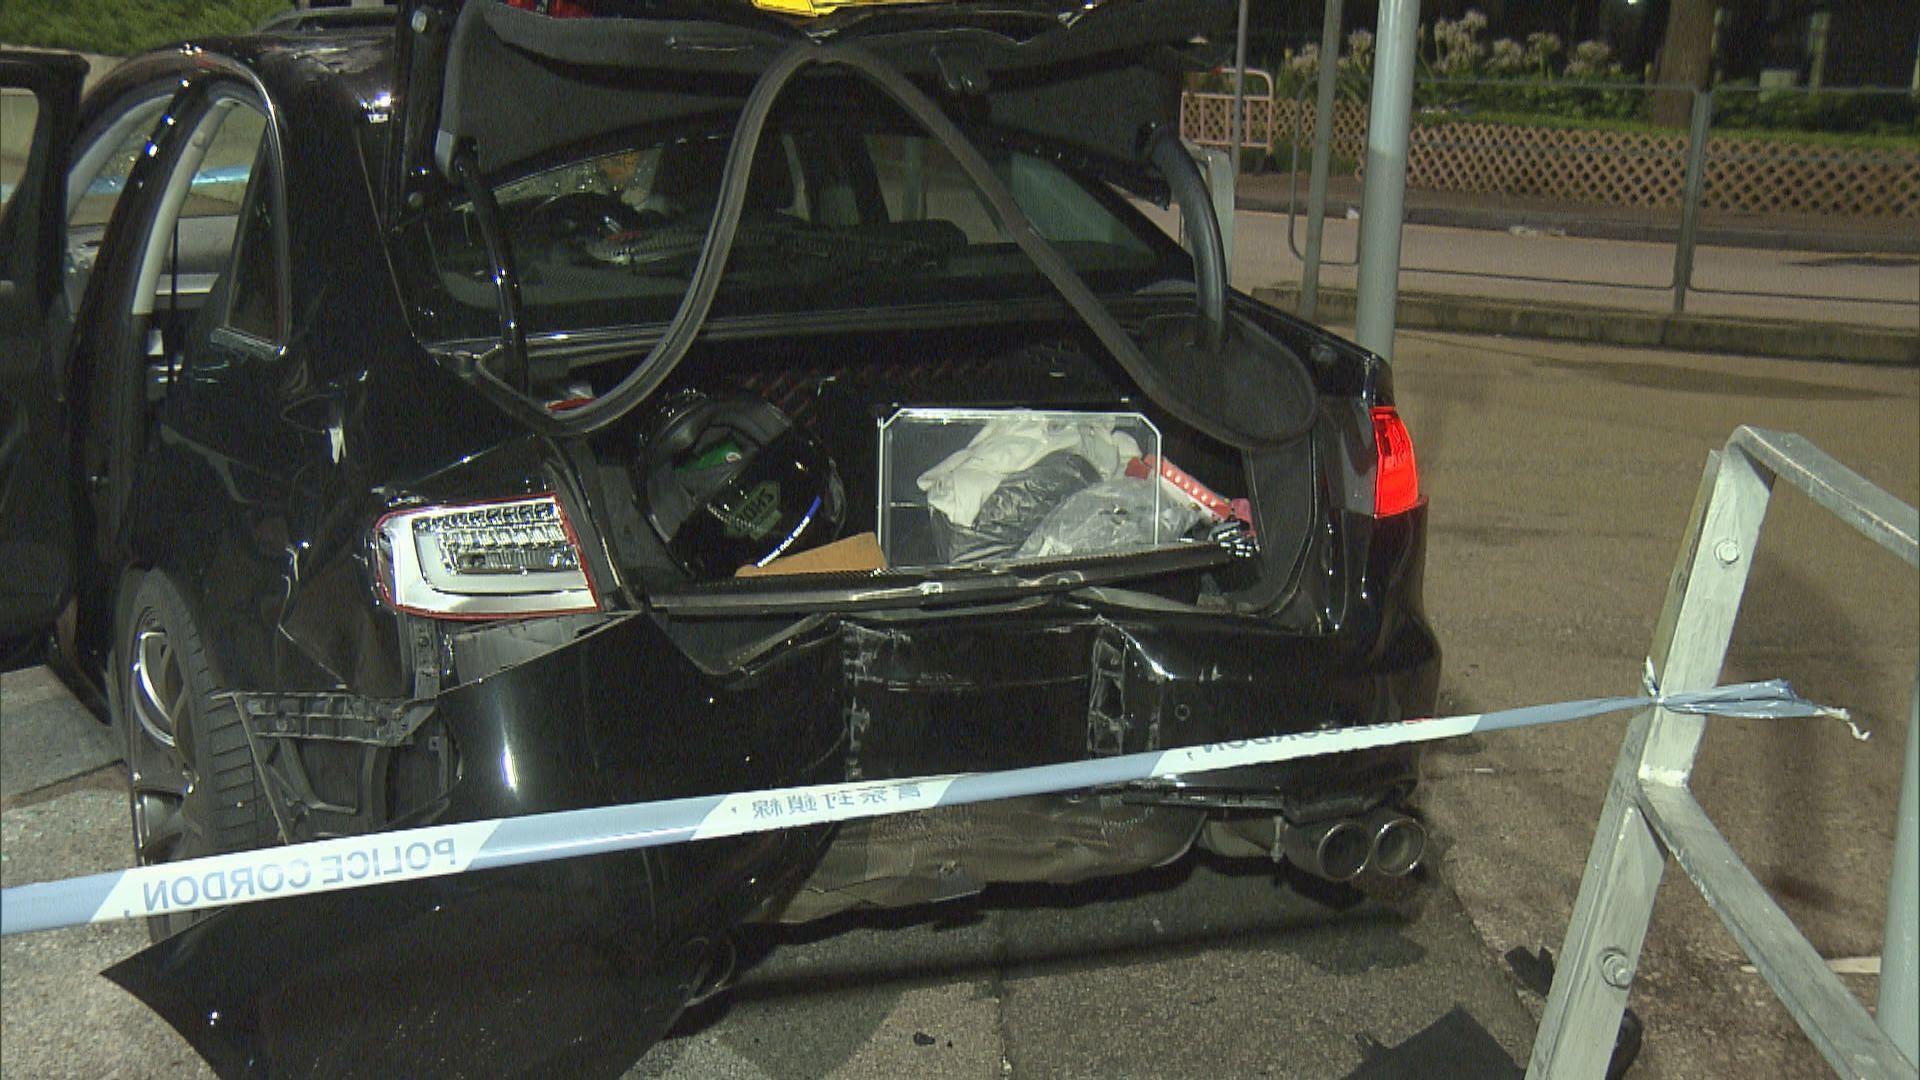 數碼港私家車遭截停行劫損失數萬元